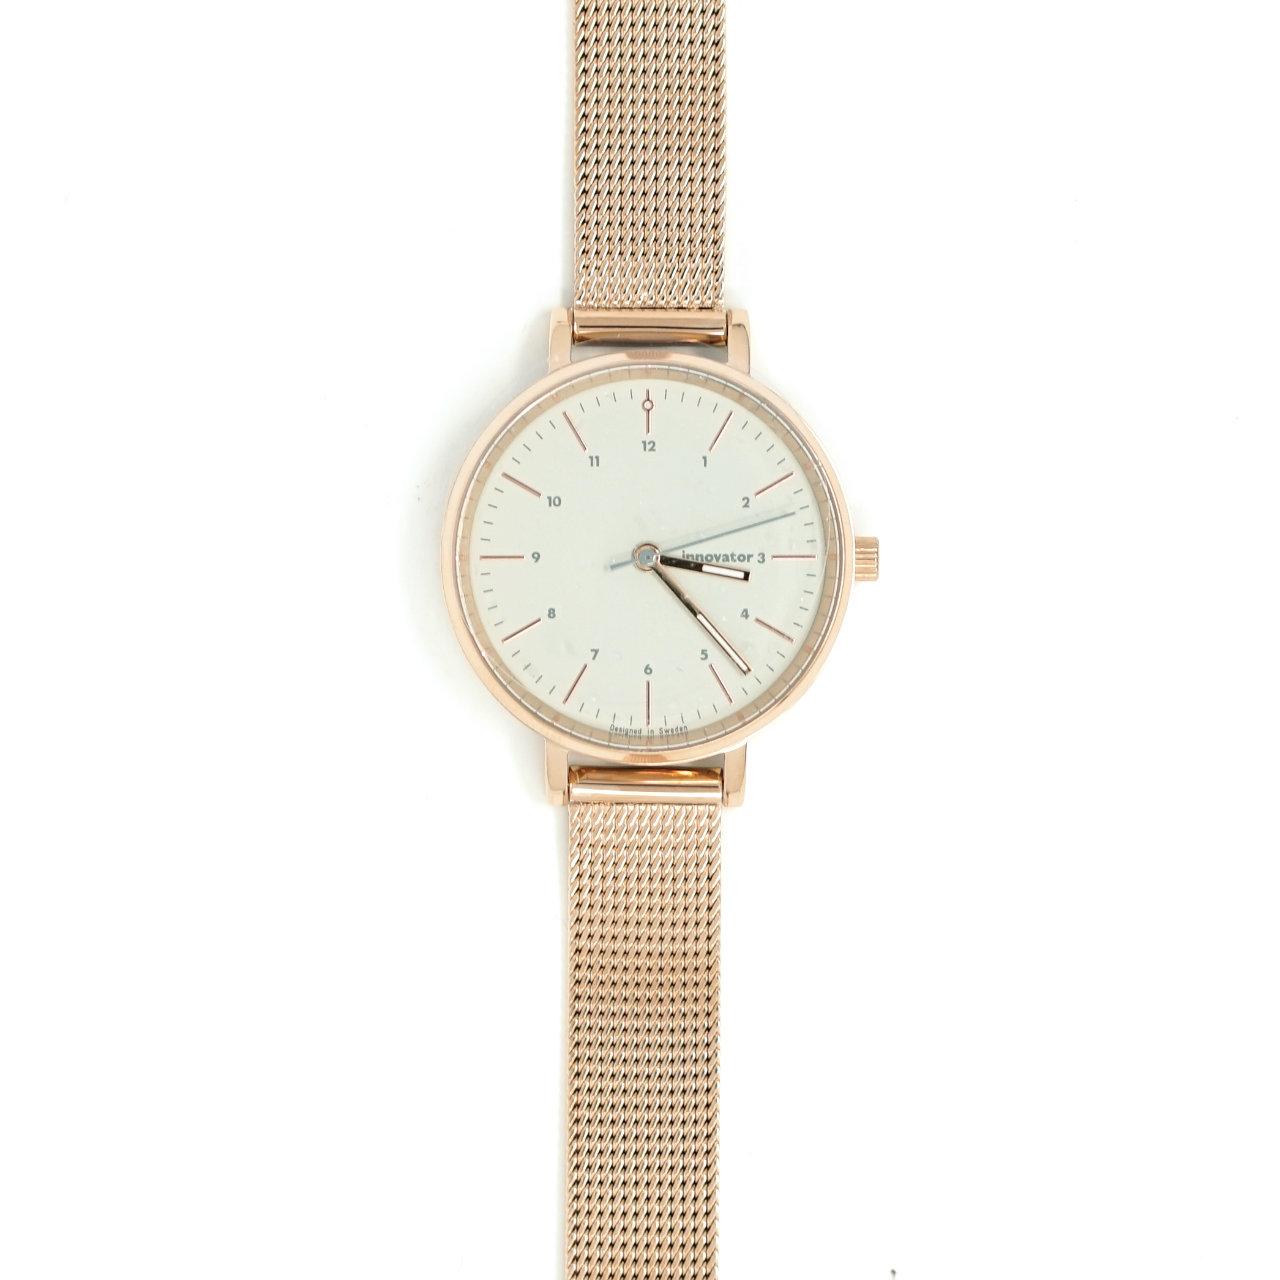 サムネイル:腕時計 エンケルメッシュ ピンクゴールド 32mm(innovator / イノベーター)